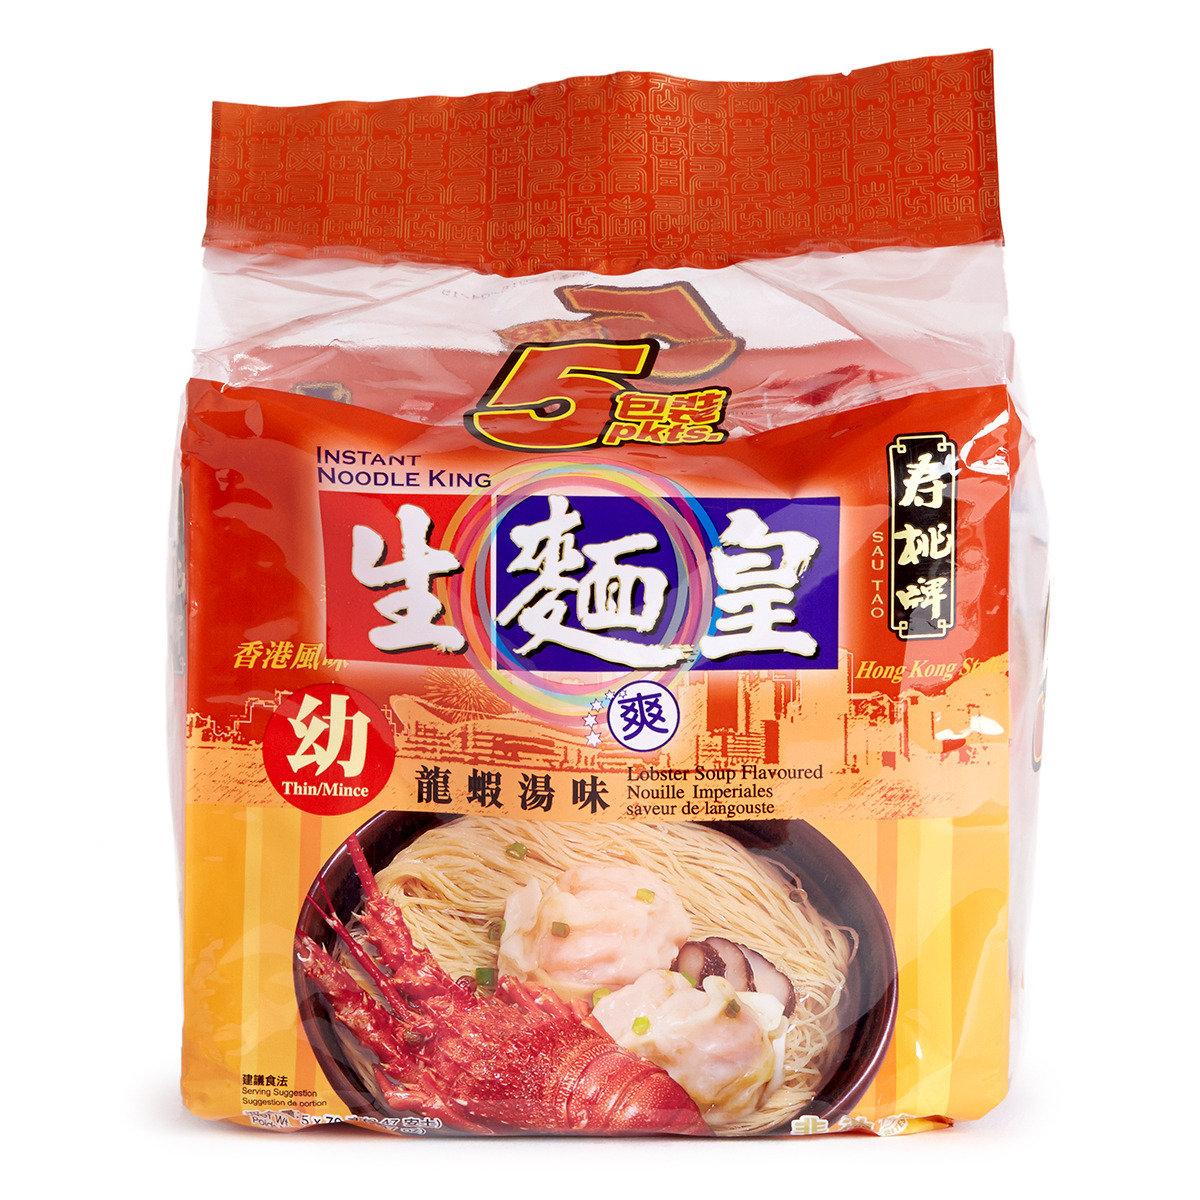 生麵皇 (幼) - 龍蝦湯味